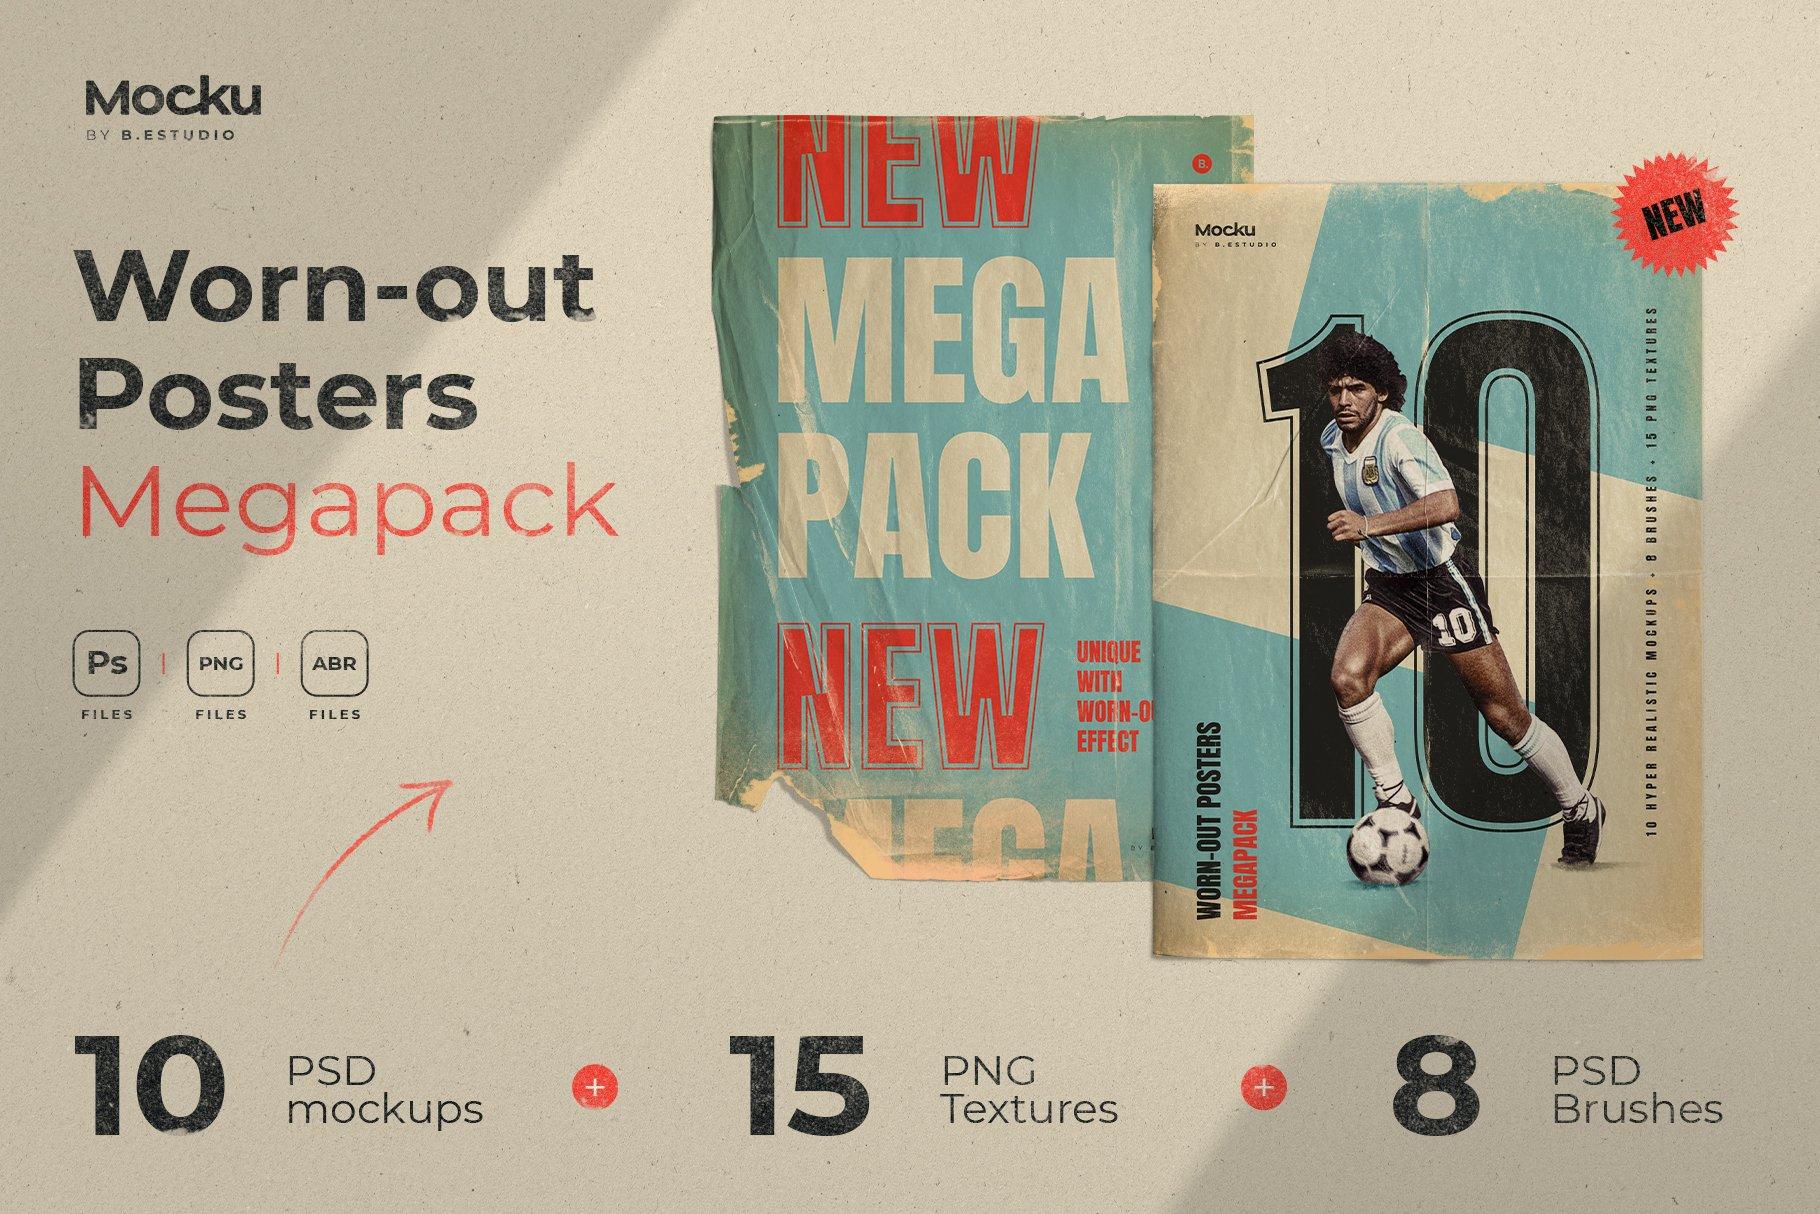 Megapack 复古破旧划痕撕纸褶皱海报PSD模板+笔刷(4318)插图(10)